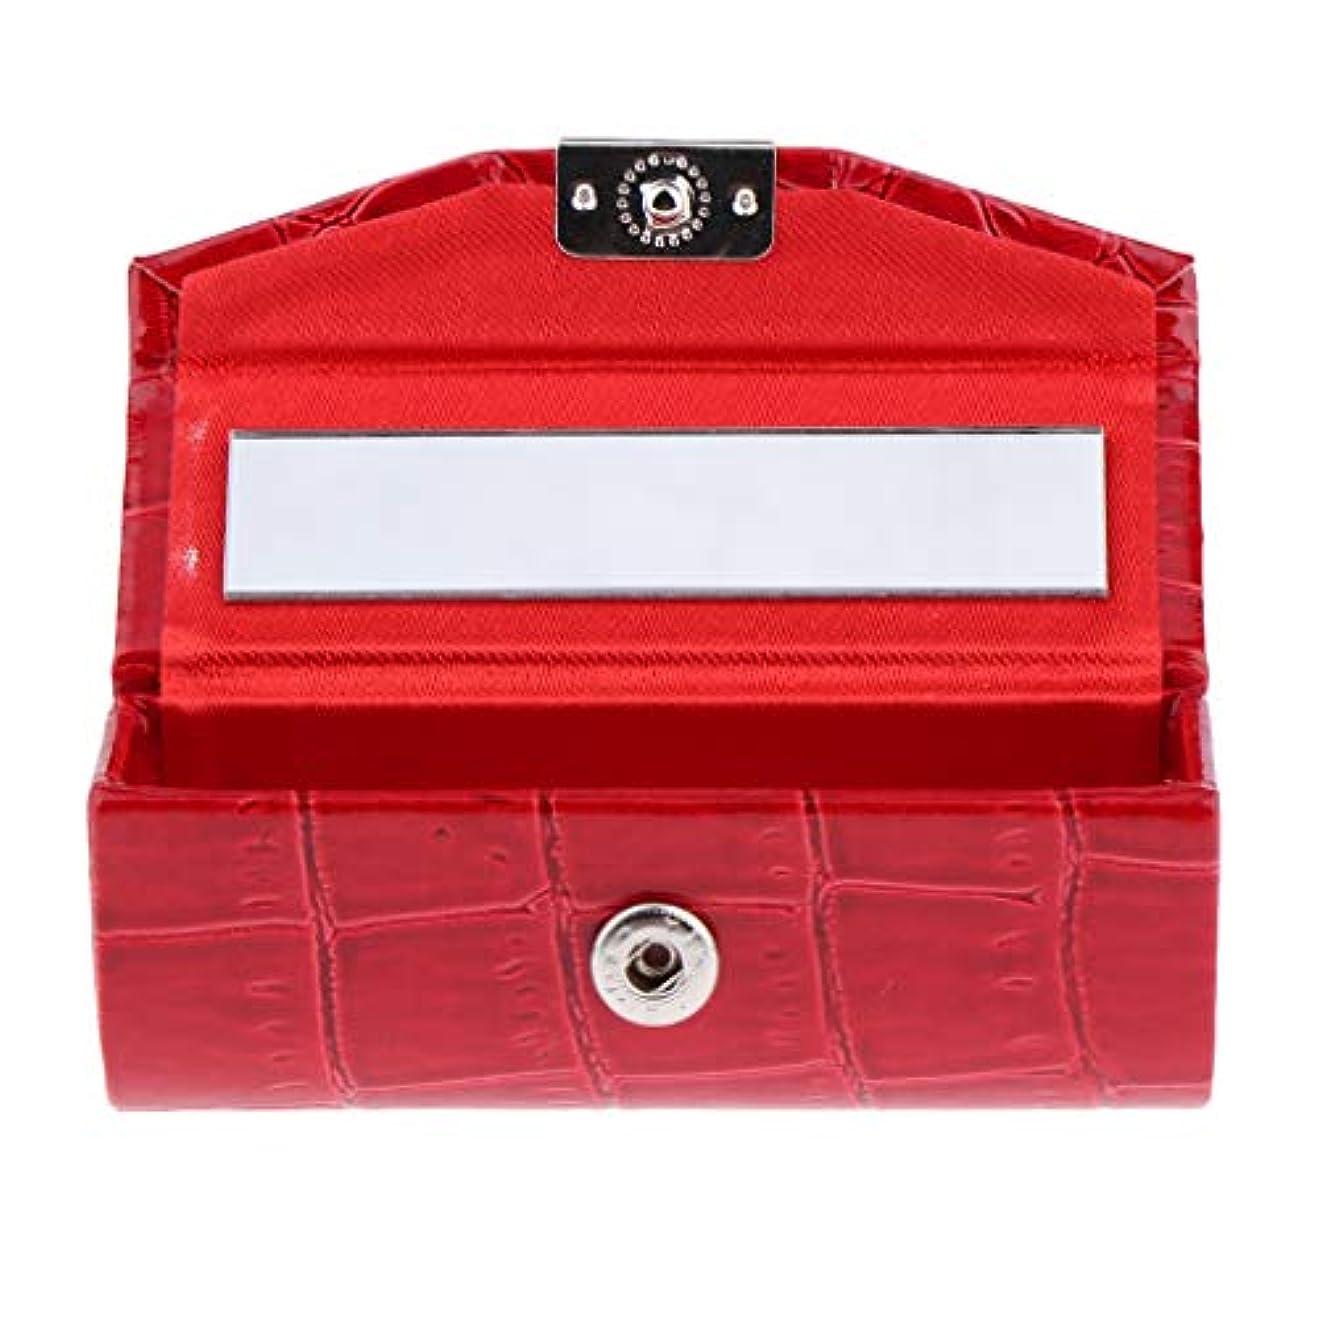 ダイジェスト登録ギャング全10色 化粧ポーチ 口紅ホルダー リネンカバー リップスティック リップグロス 収納ケース - レッド